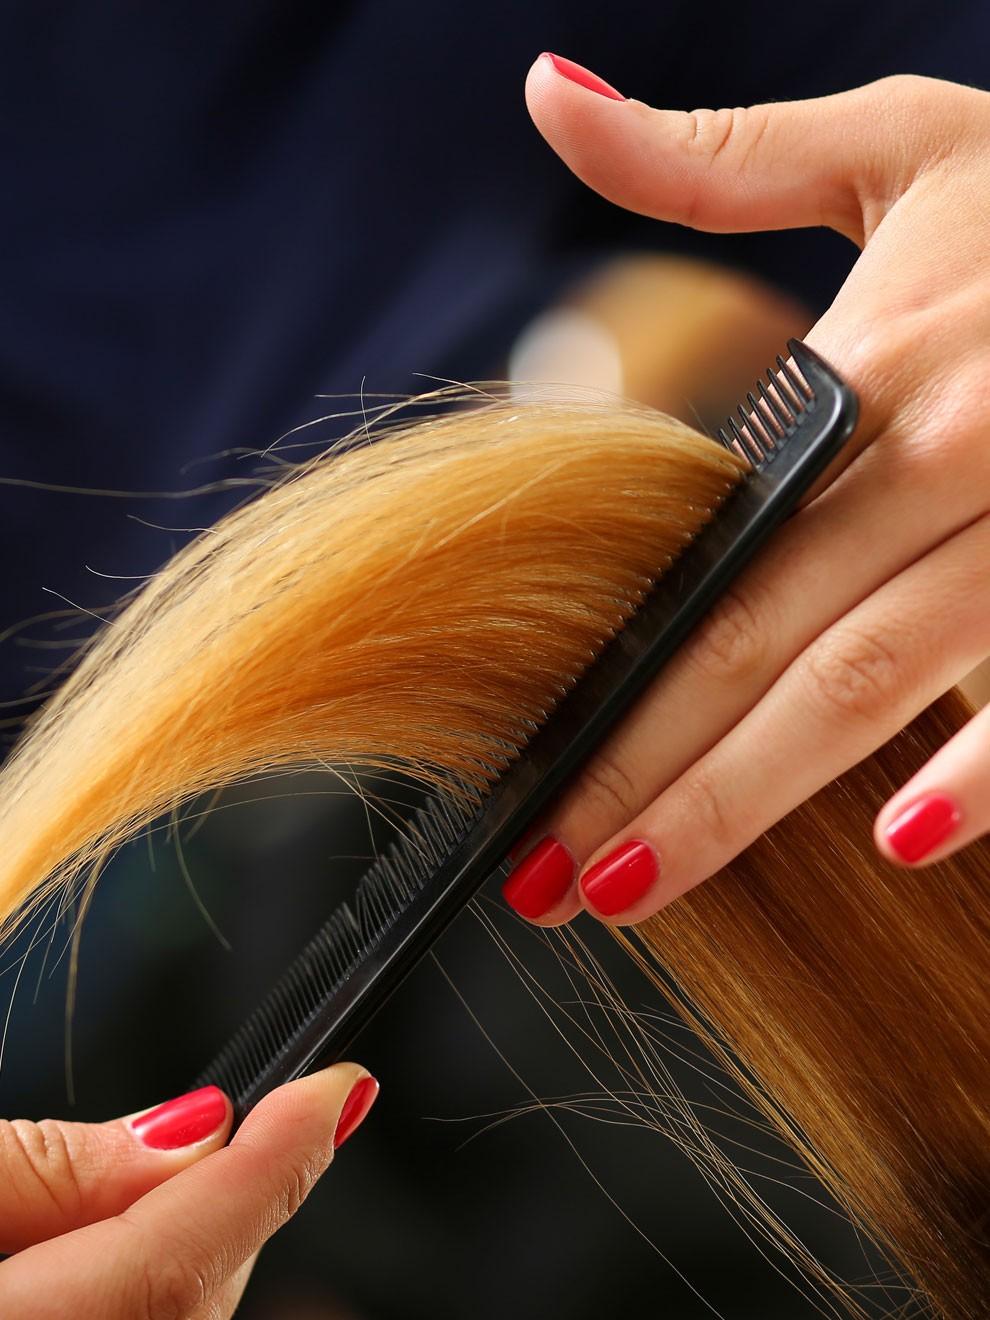 Que significa sonar ver cortar el pelo